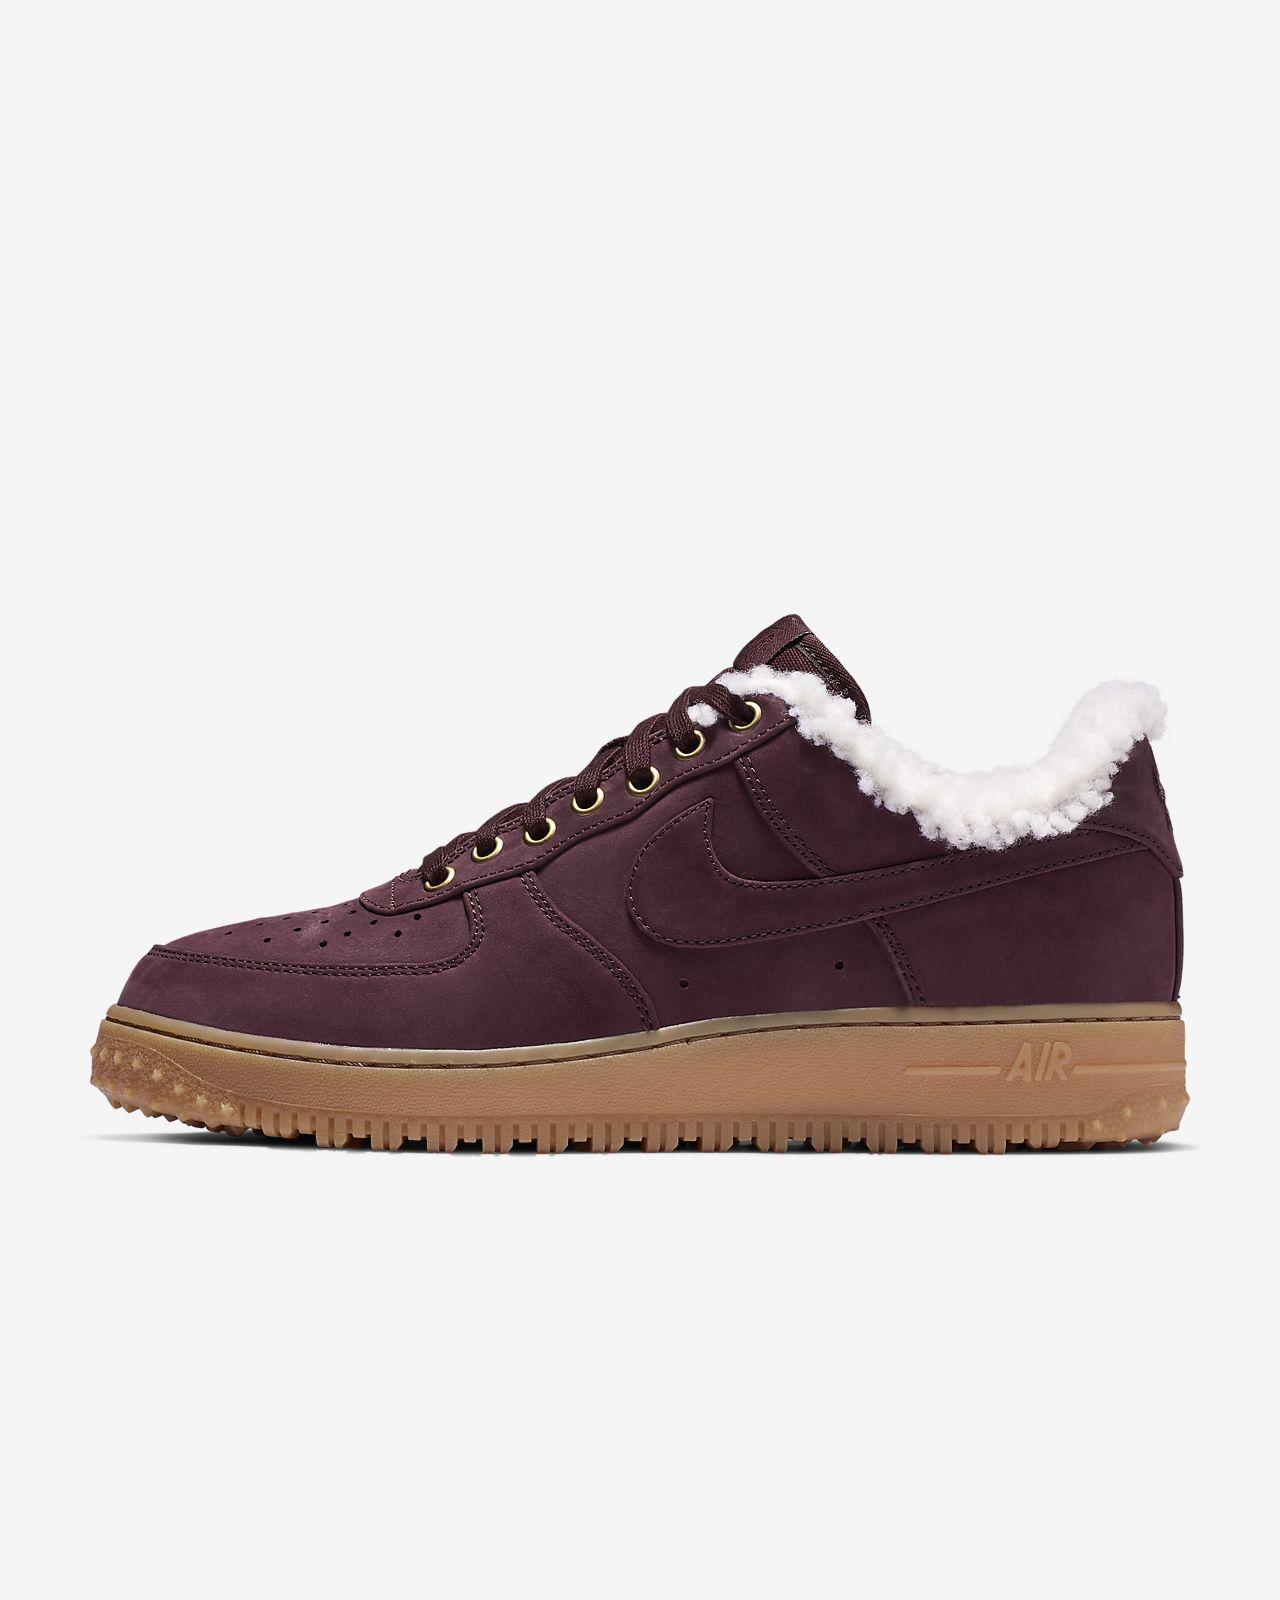 Nike Air Force 1 Premium Winter Herrenschuh